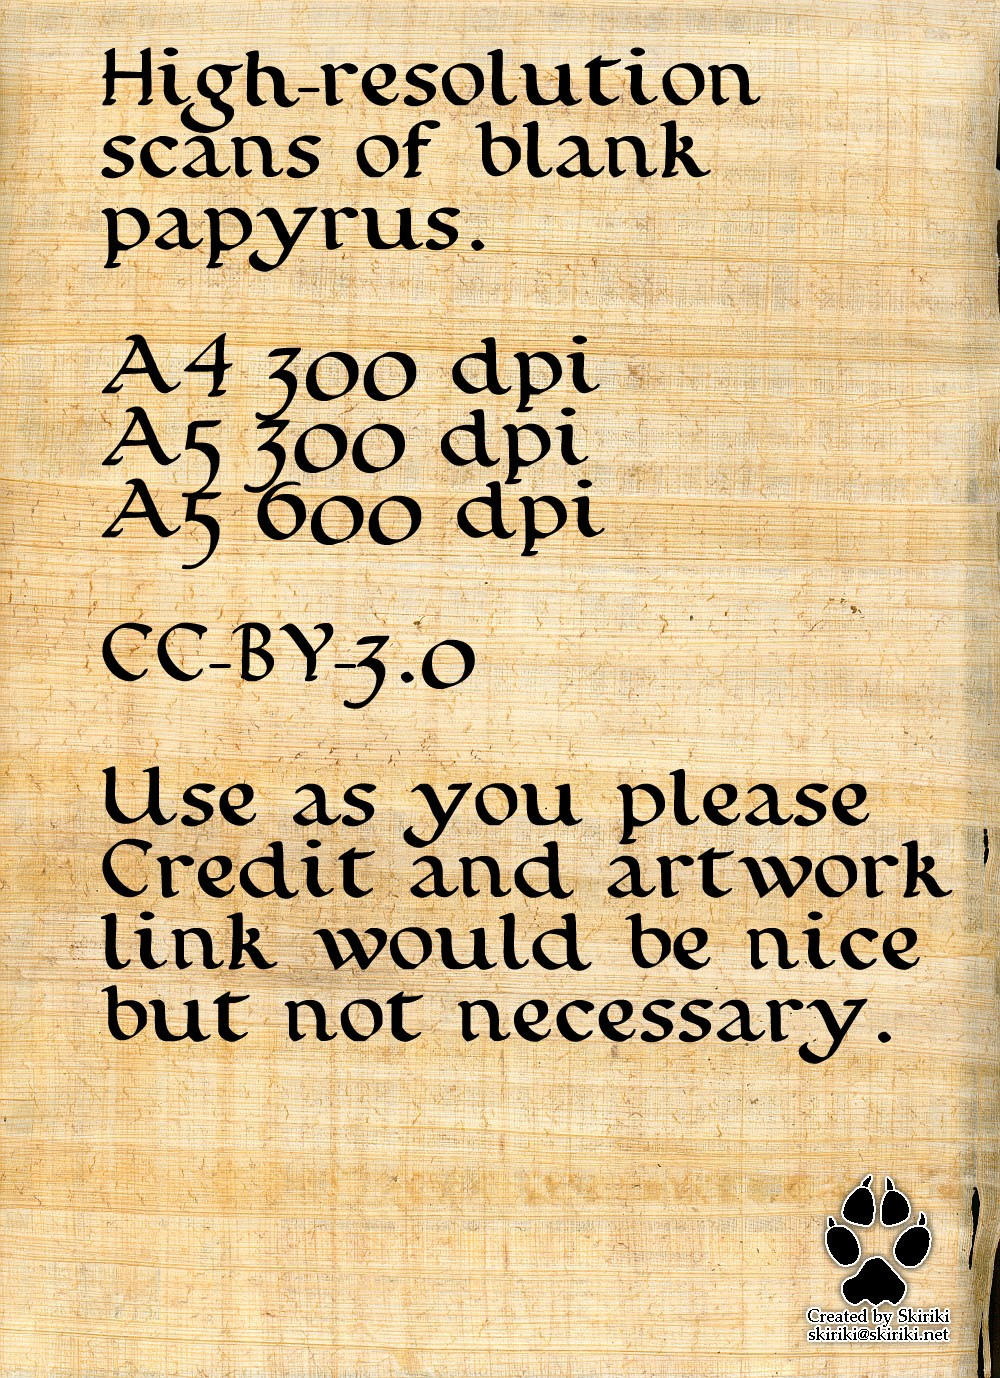 Stock (CC-BY 3.0): Papyrus by Skiriki